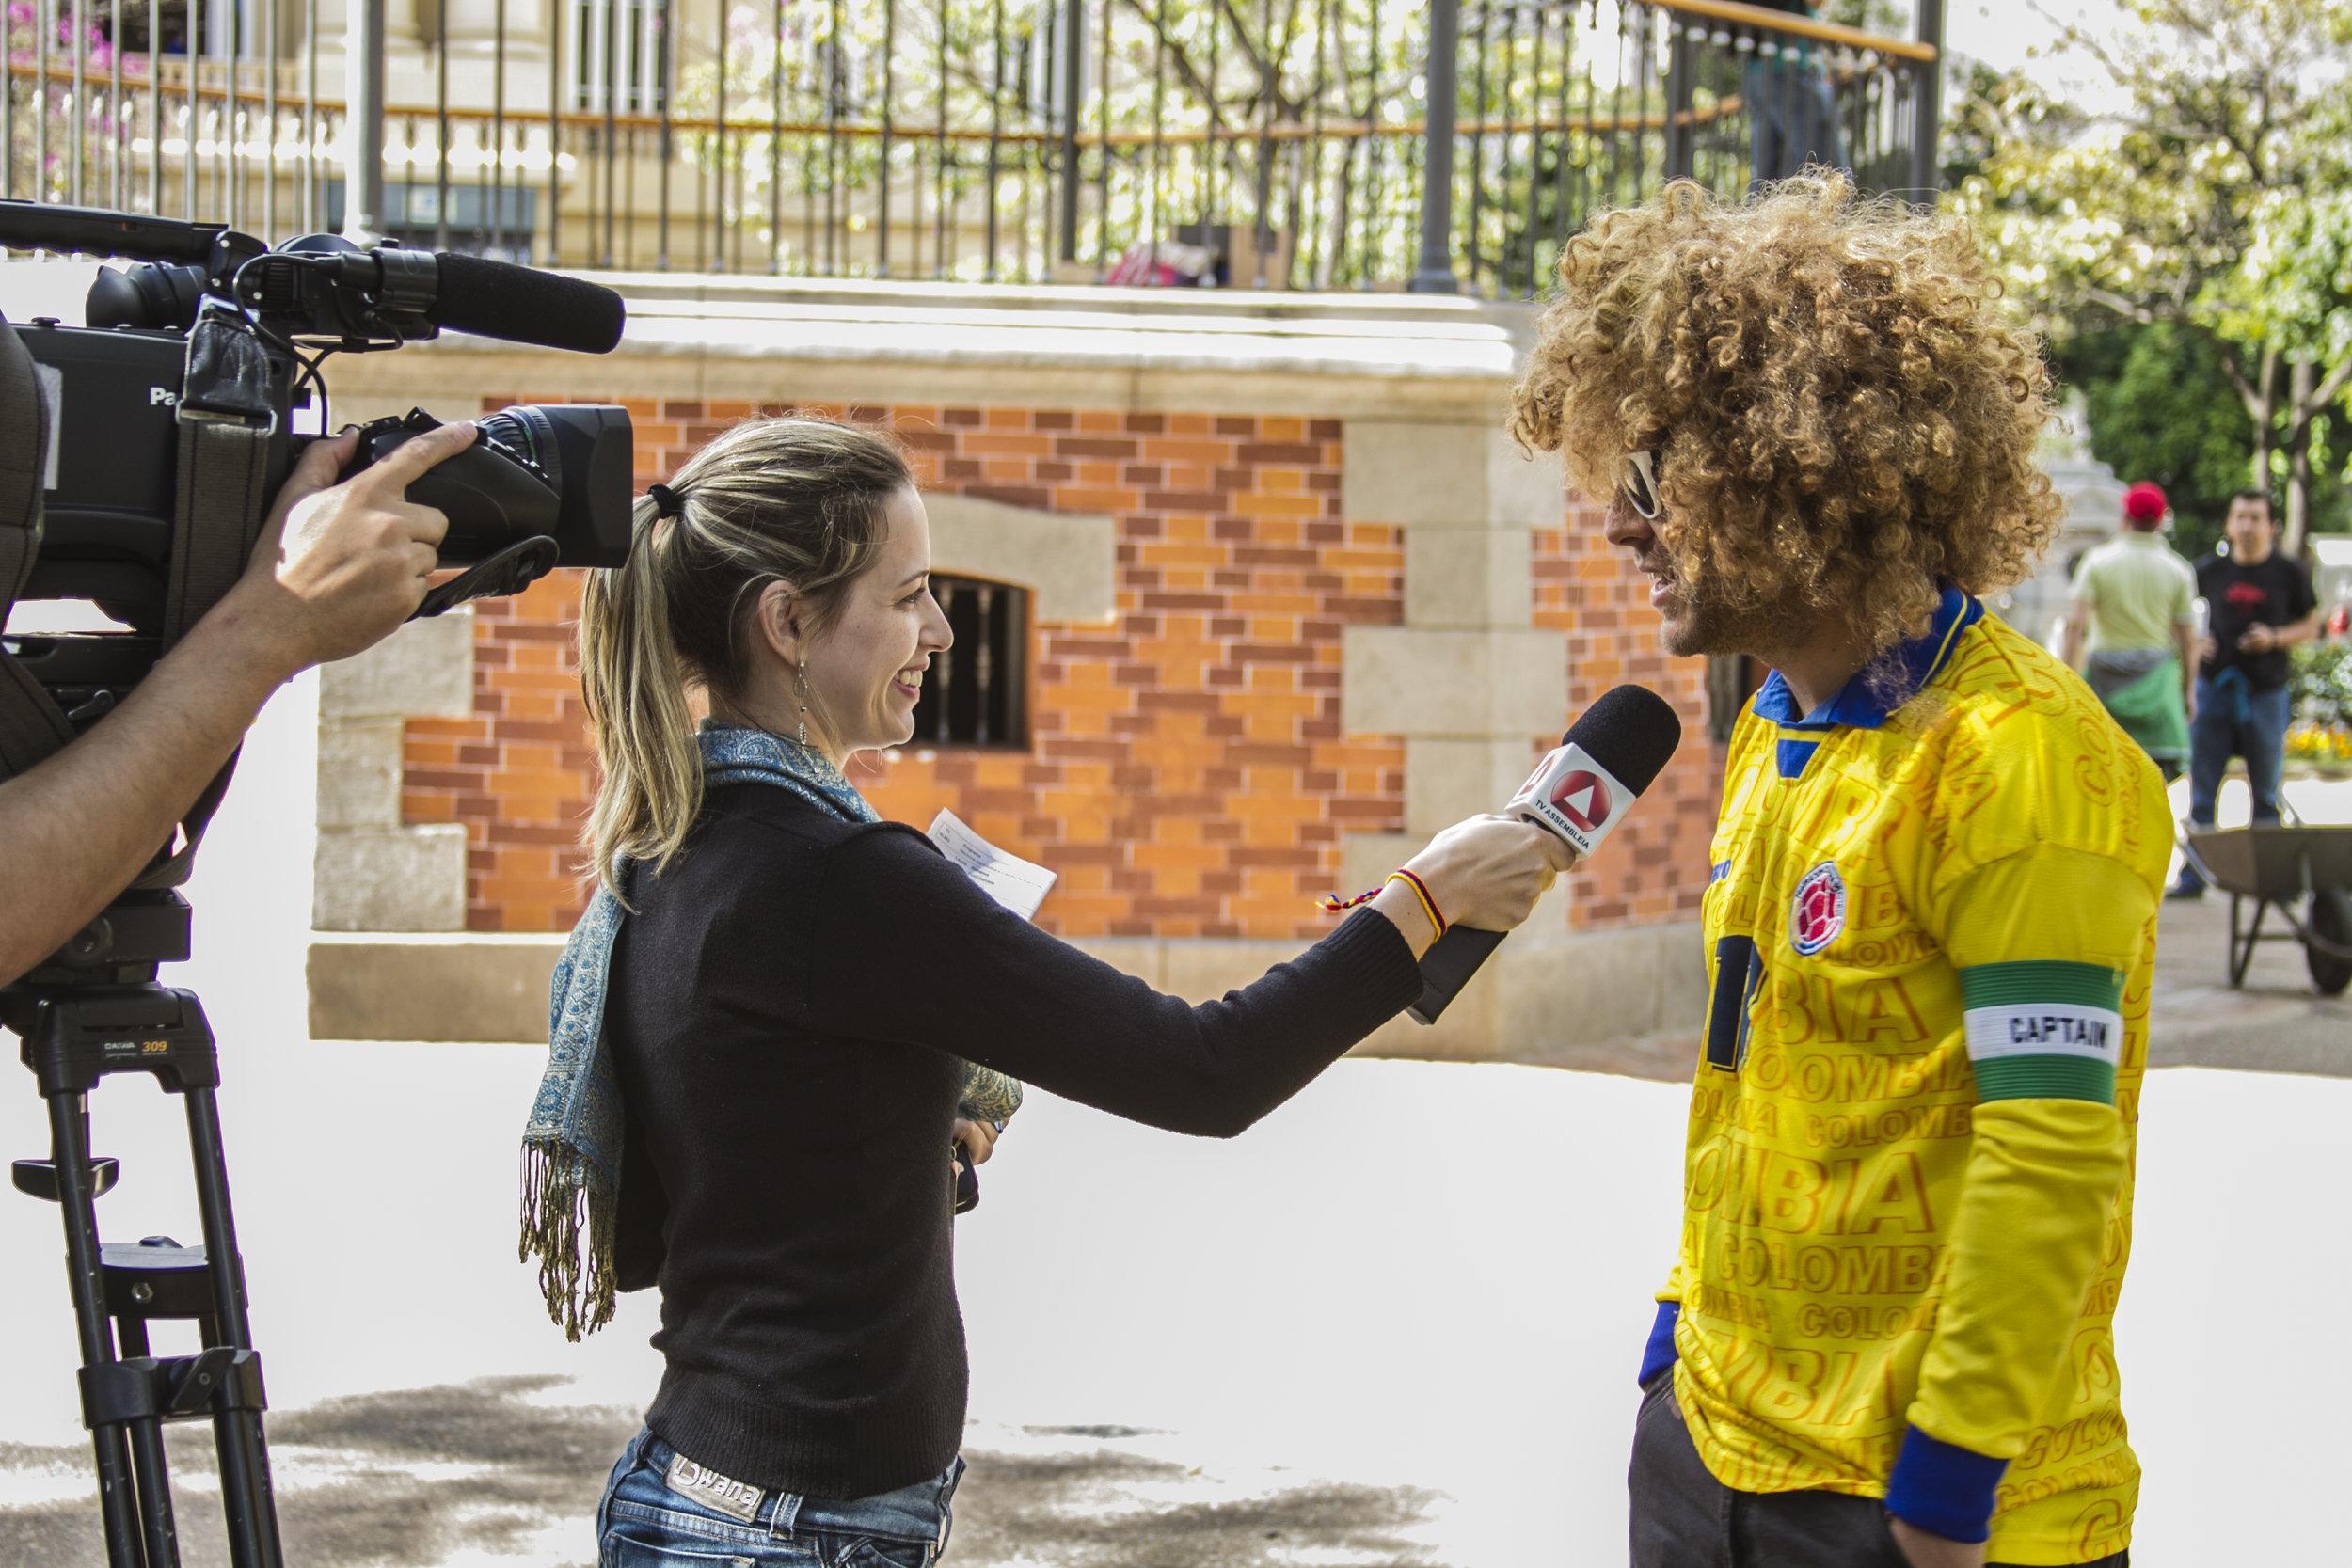 Nuestro primer dia en Brasil. Siempre hay que ser atentos y amigables con la prensa.